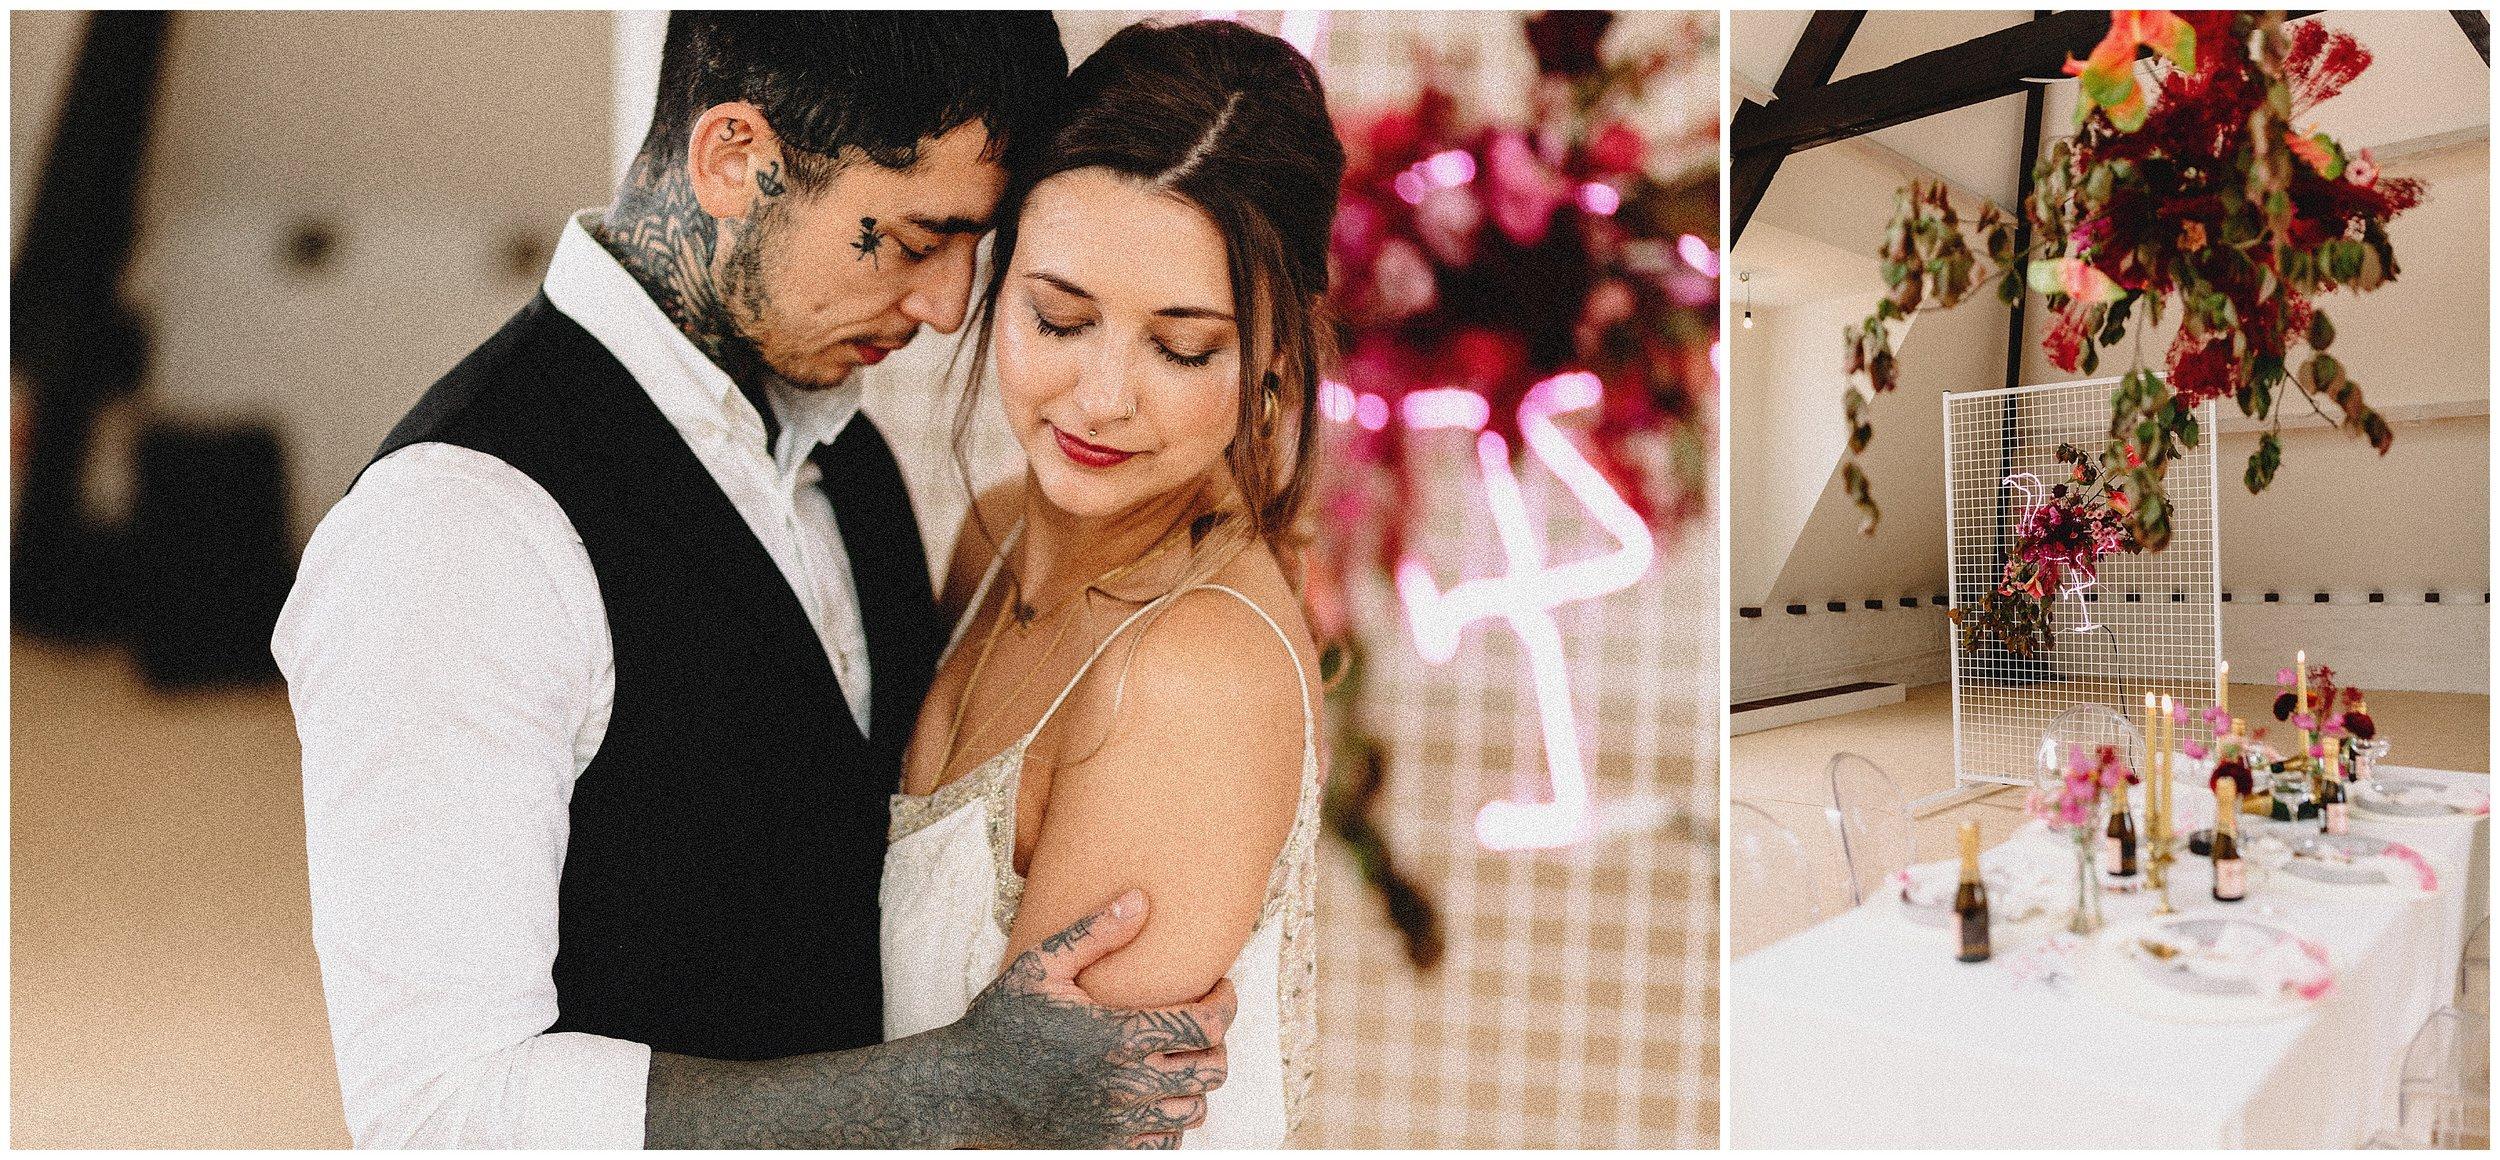 huwelijksfotografie-huwelijk-kempen-kust-lisa-helsen-photography_0003.jpg